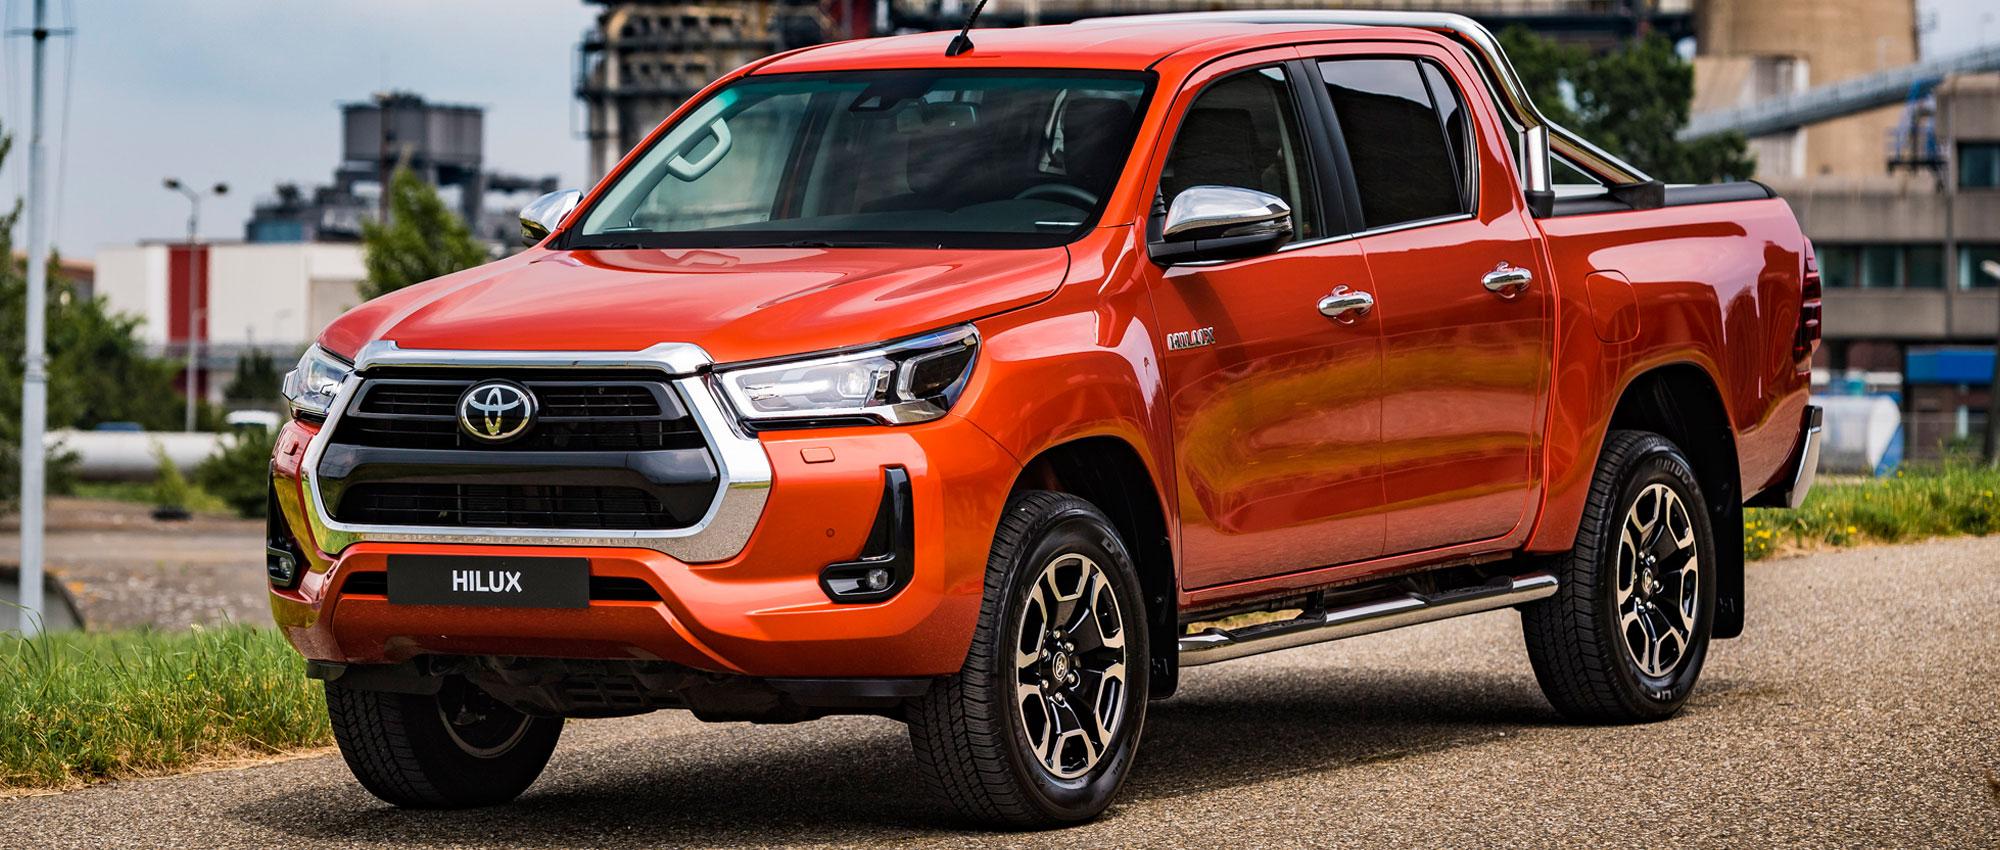 Toyota-hilux-nieuw-prijzen-bekend te bestellen bij Andreae in Zevenbergen de Toyota Specialist